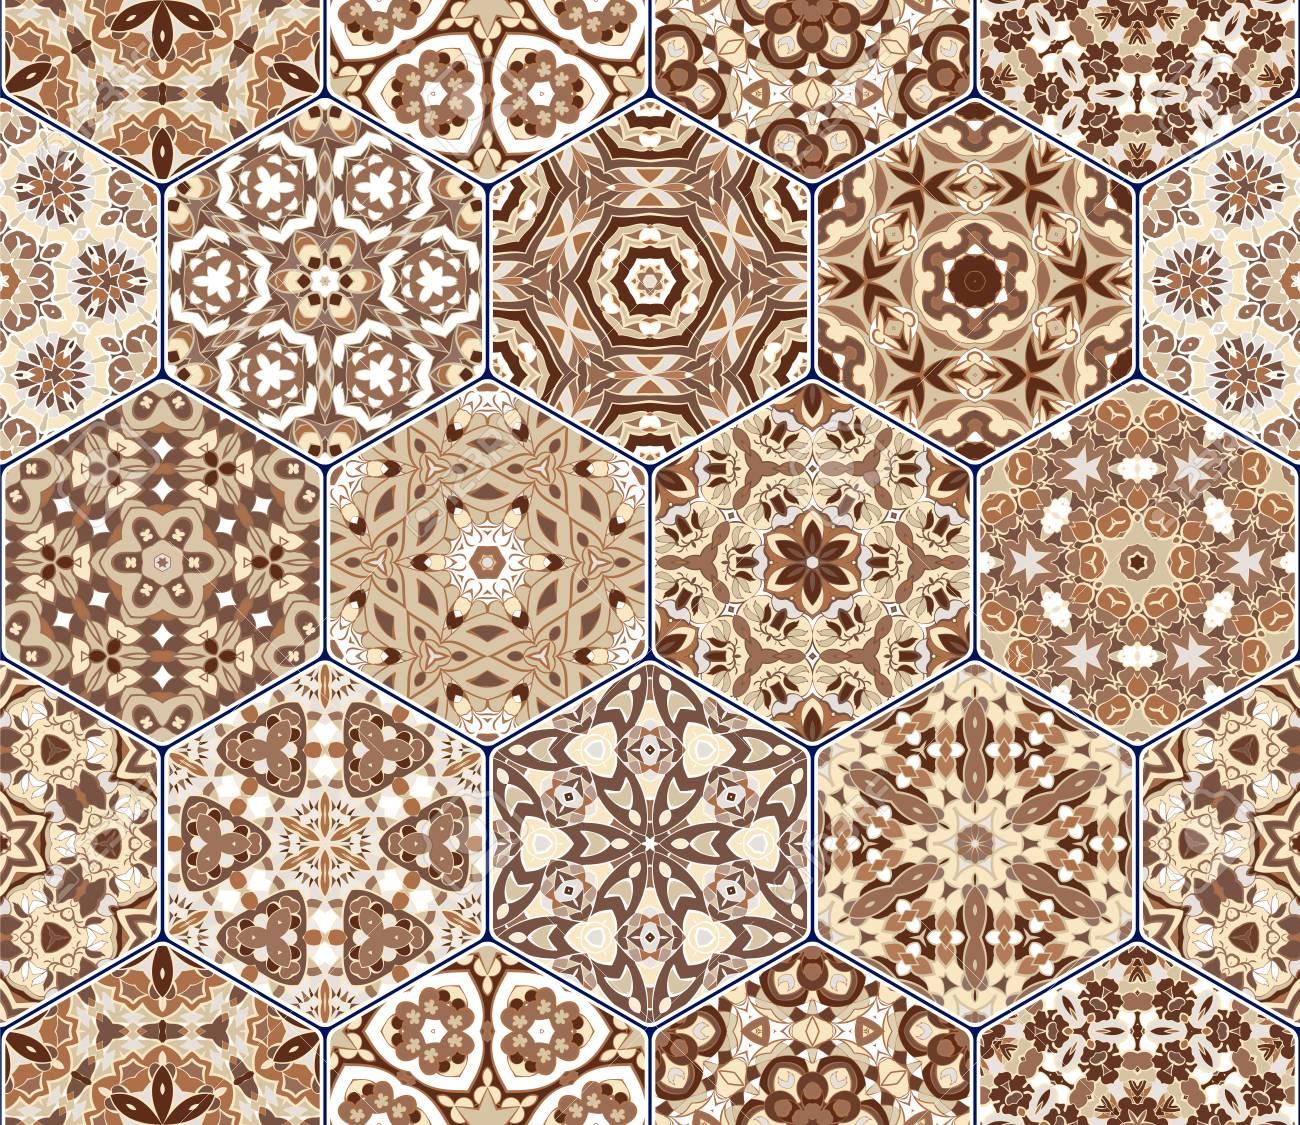 Un Riche Ensemble De Carreaux De Céramique Hexagonaux. Tapis De